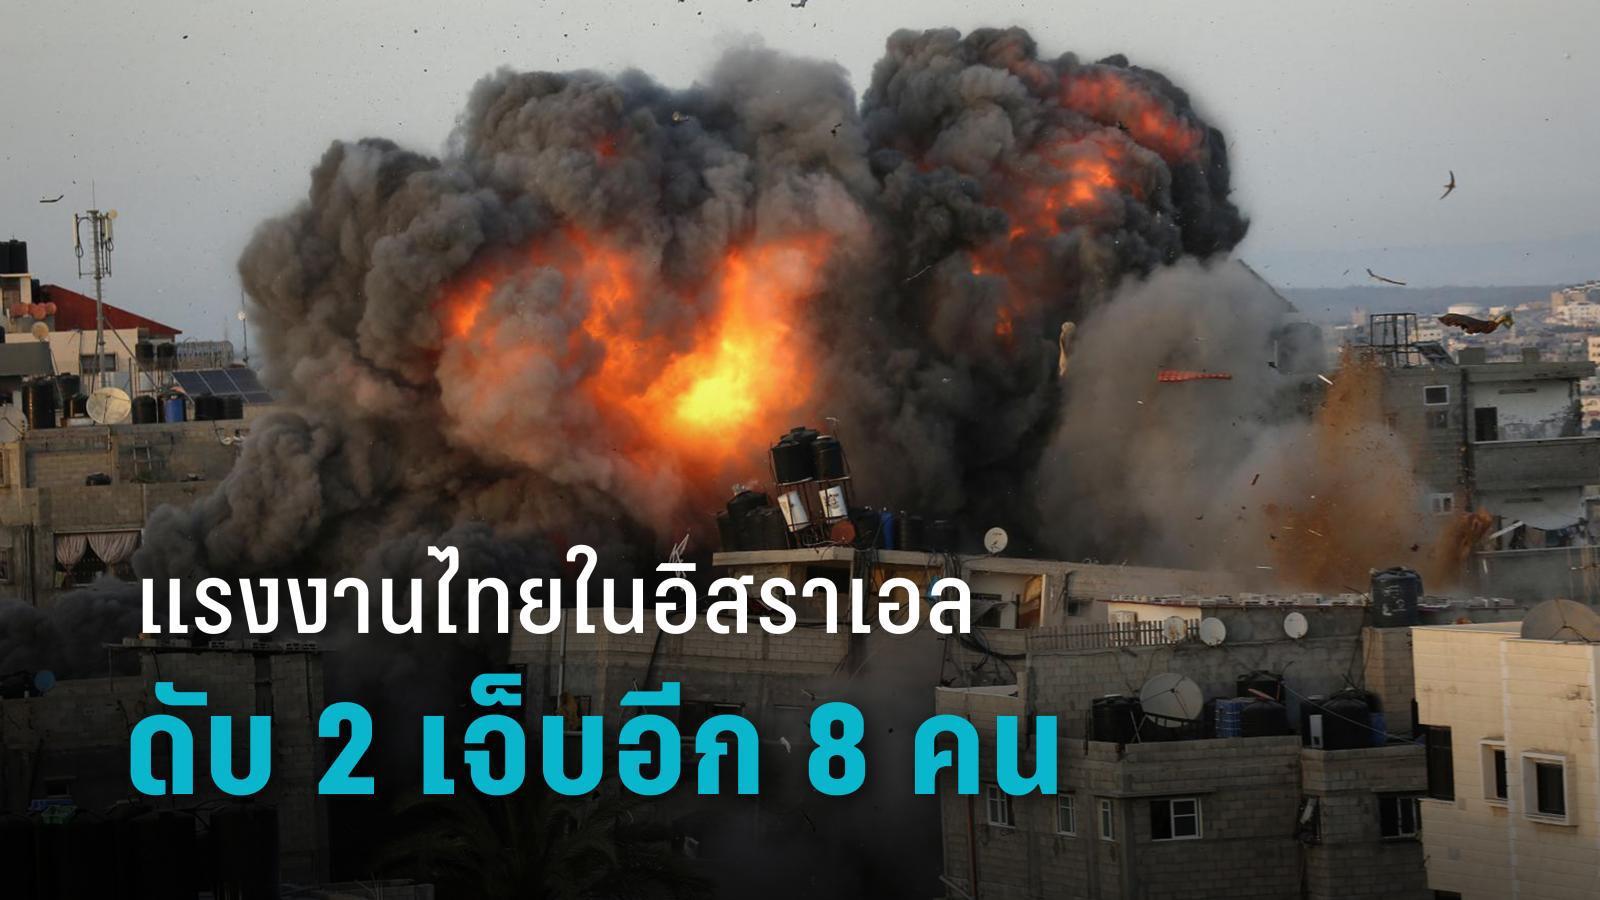 ด่วน! แรงงานไทย ในอิสราเอล โดนระเบิดเสียชีวิต 2 ราย เจ็บอีก 8 คน